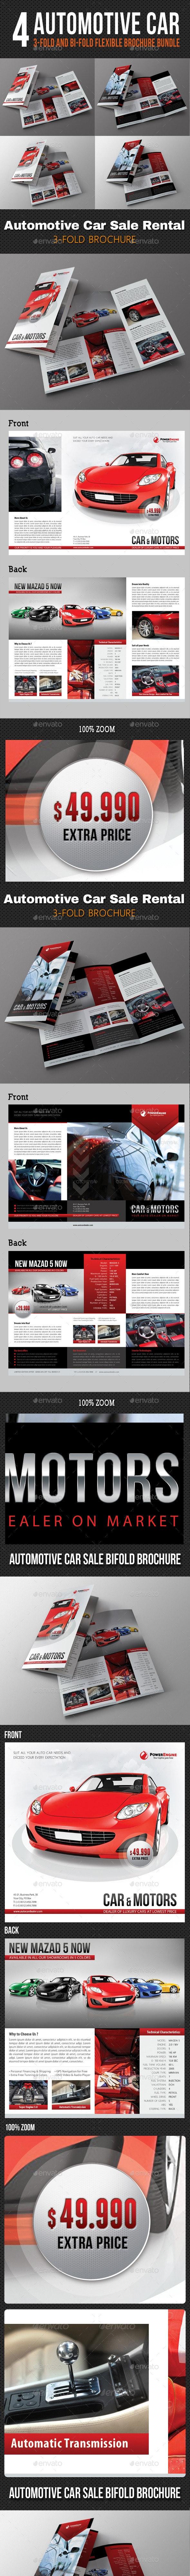 4 Automotive Car Sale Rental Brochure Bundle - Corporate Brochures